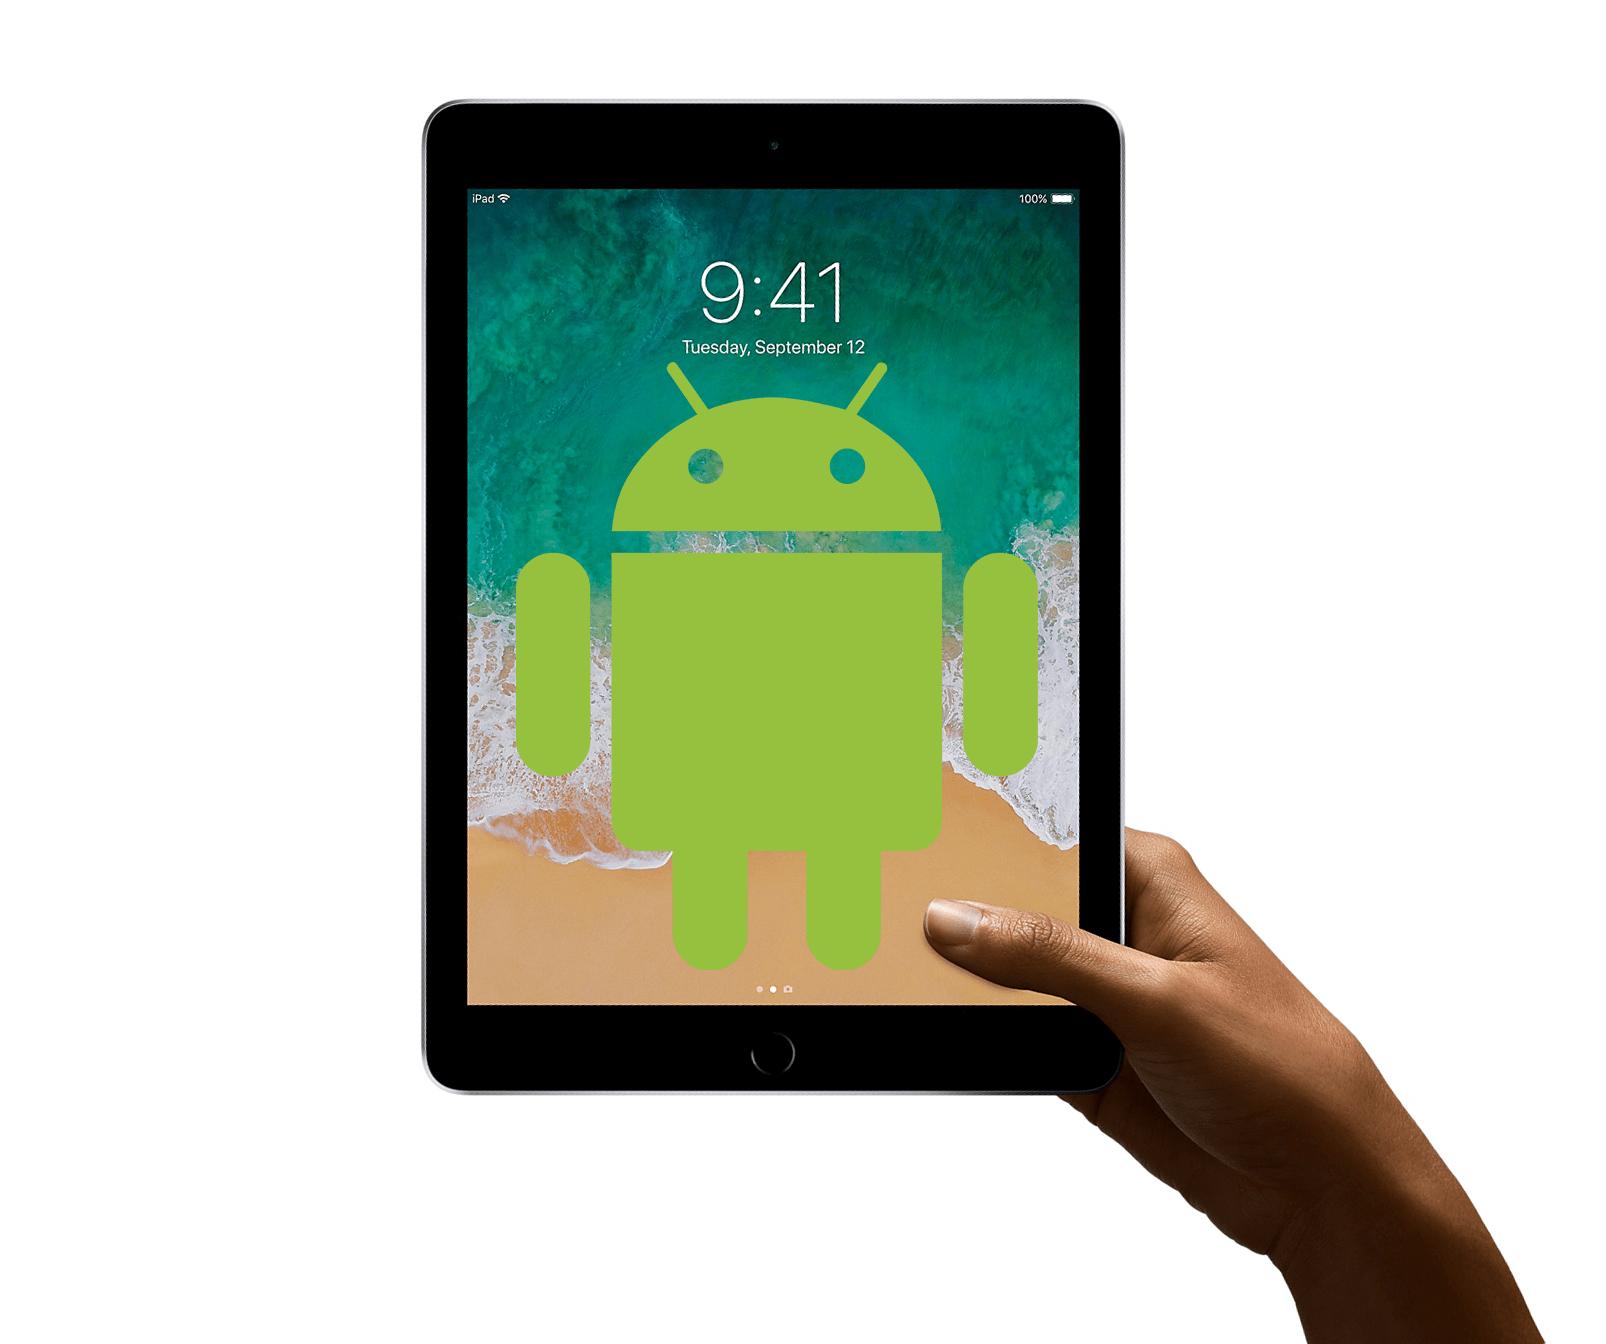 Pourquoi j'ai acheté un iPad plutôt qu'une tablette Android